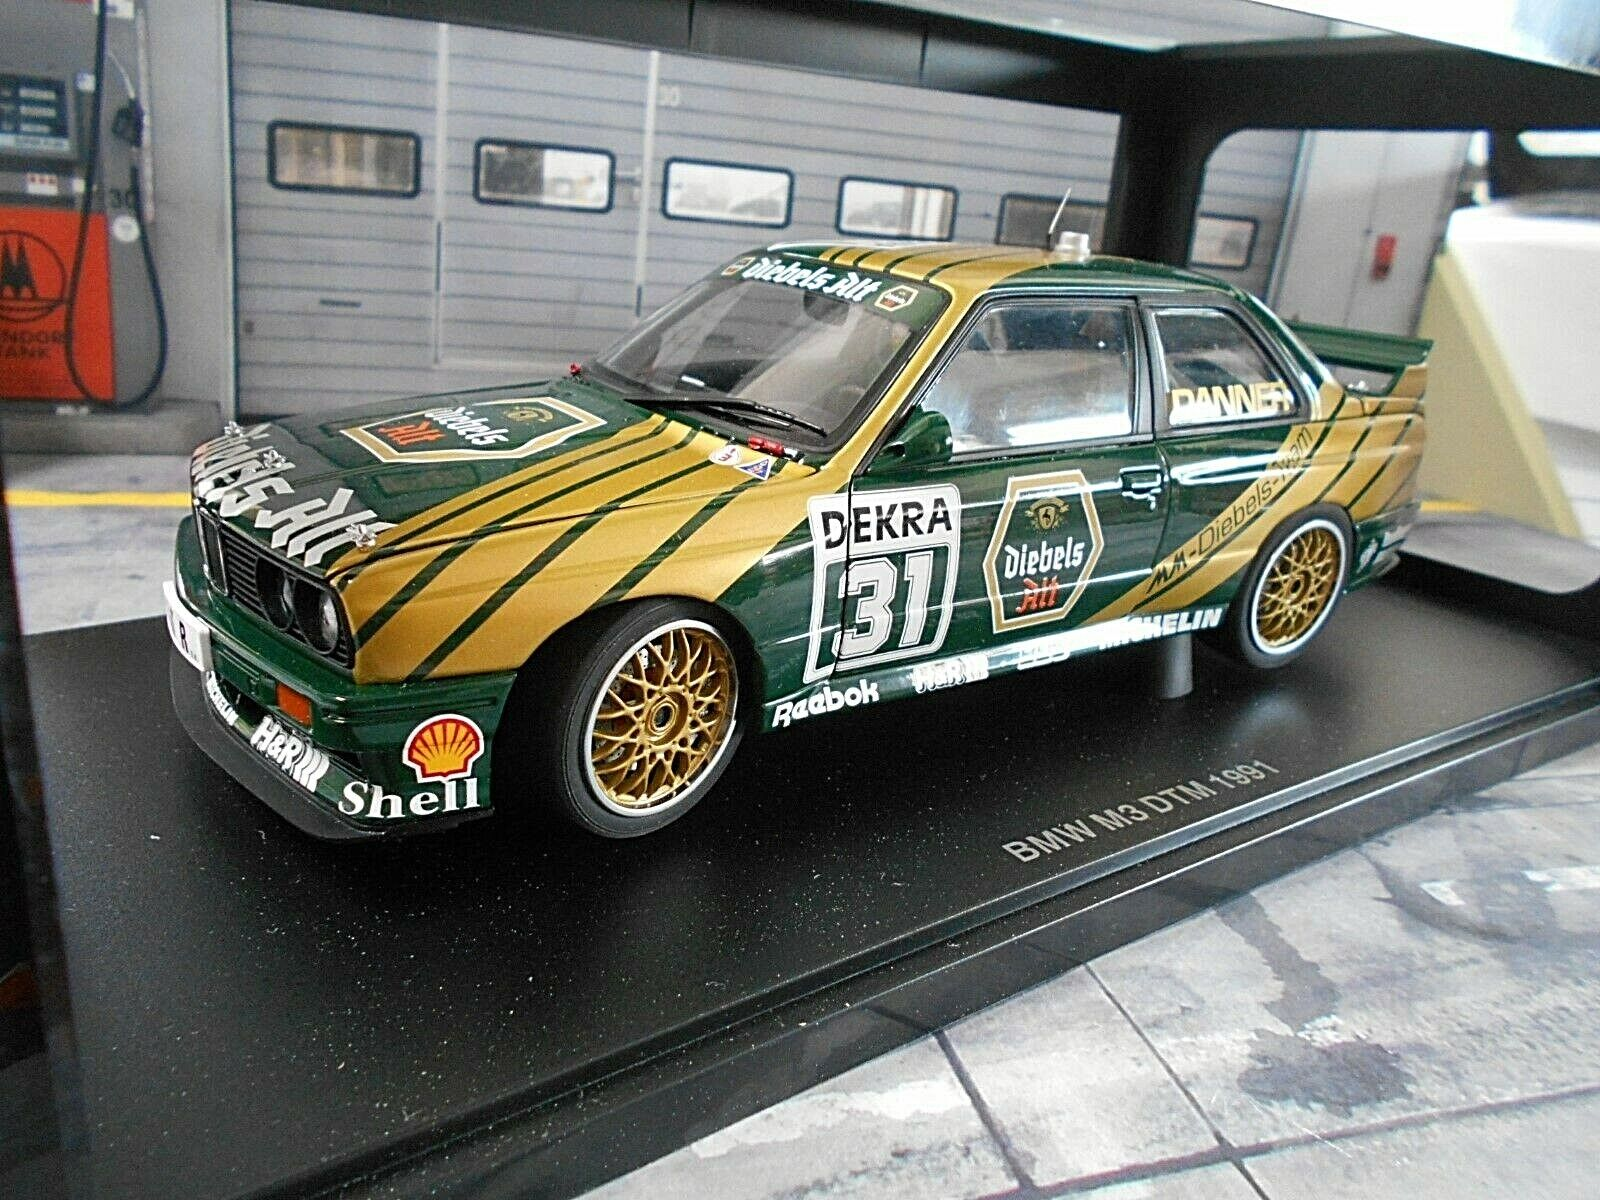 Bmw m3 3er e30 DTM 1991 danner Diebels Alt mm murmann rar Autoart 1 18